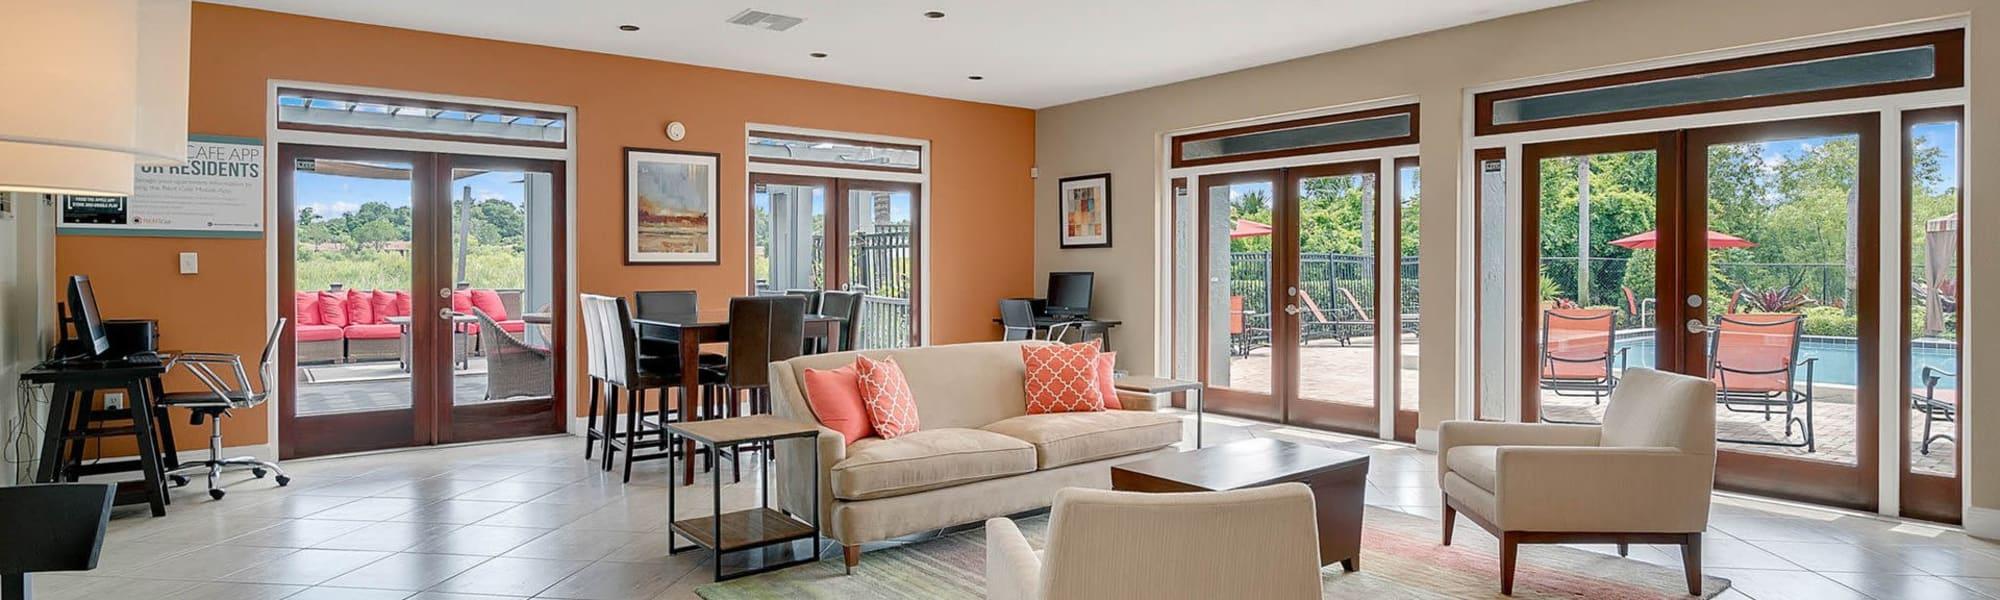 Upgraded Studio 1 2 3 Bedroom Apartments In Altamonte Springs Fl